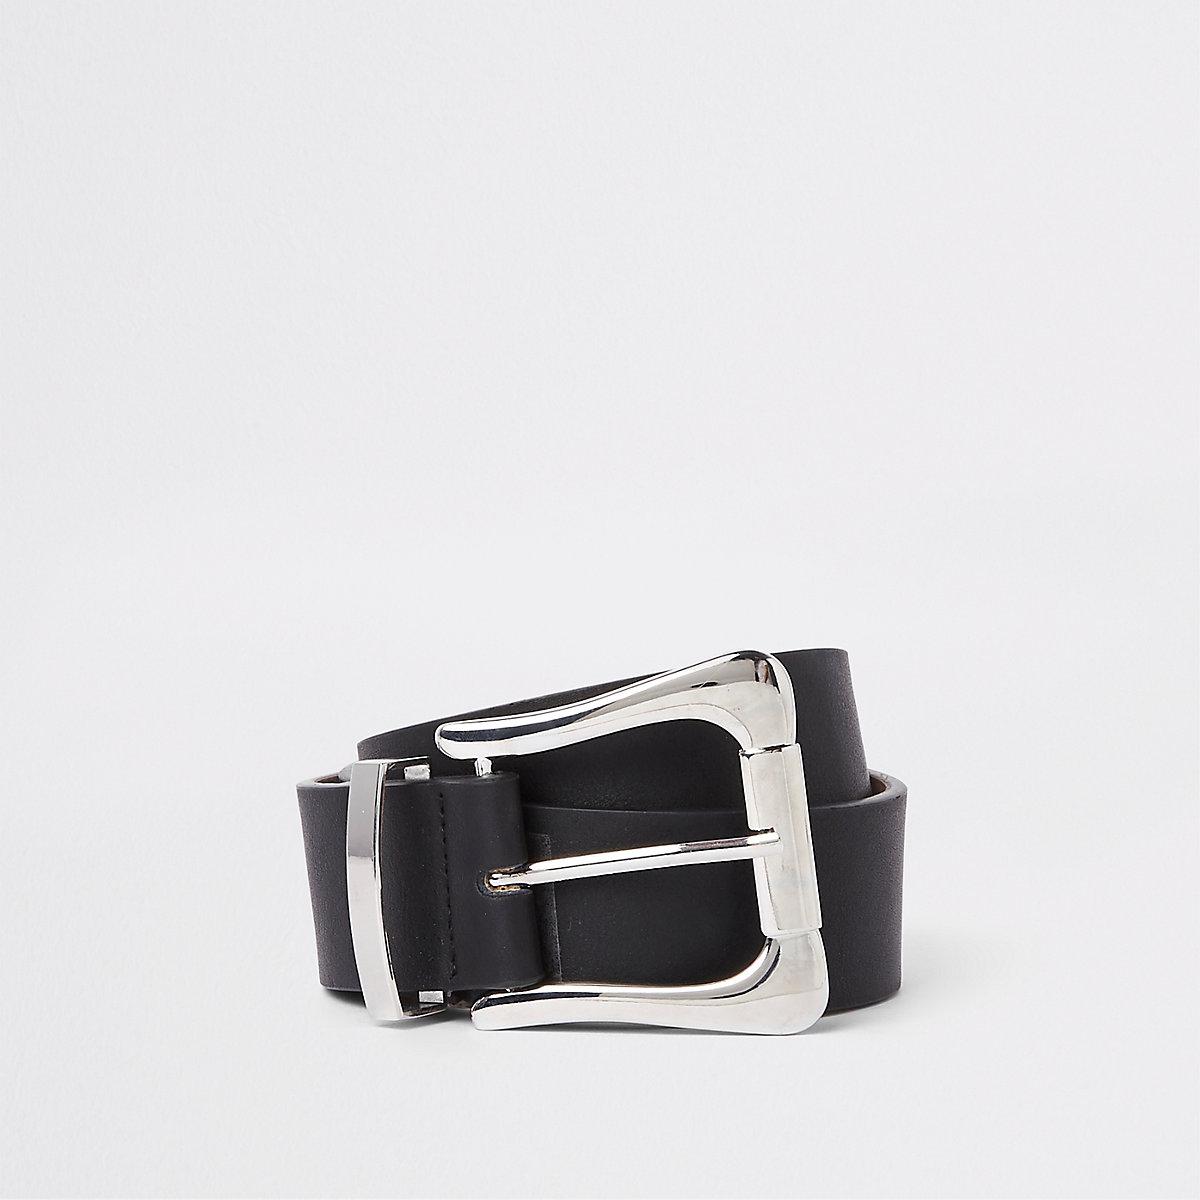 Black oversized silver buckle jeans belt